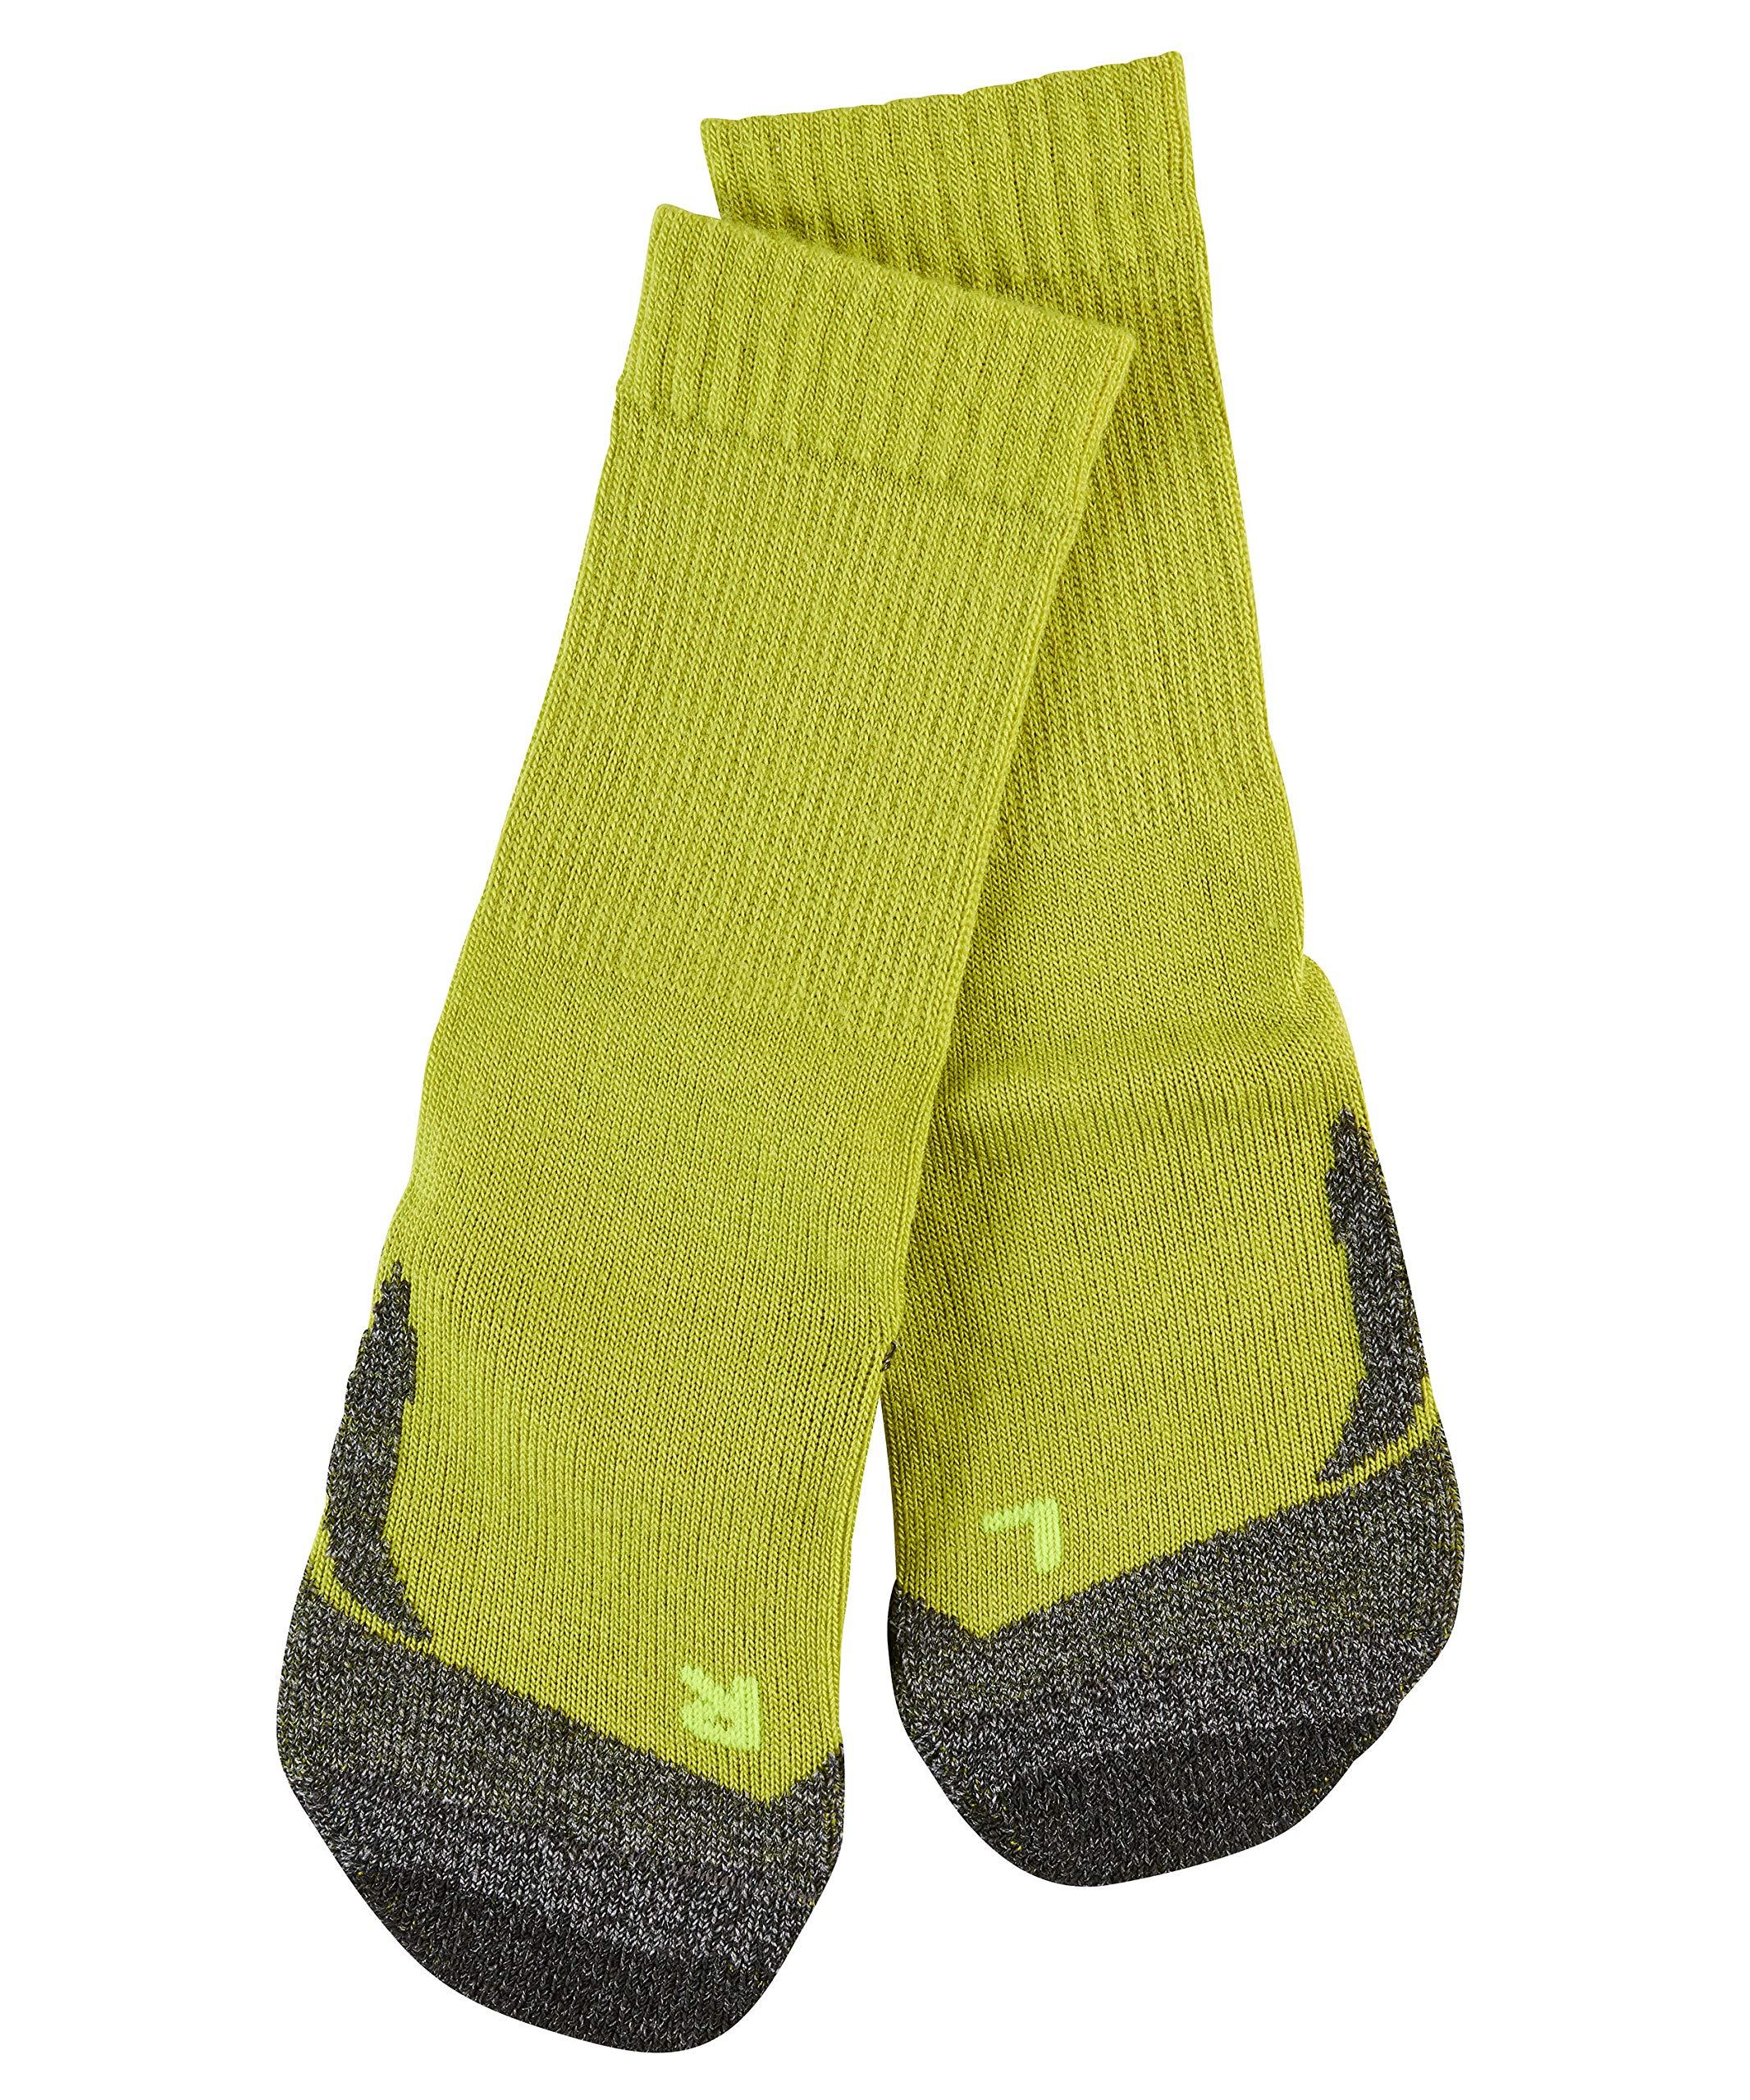 Falke Children's Tk2 Trekking Socks - 1 Pair 2